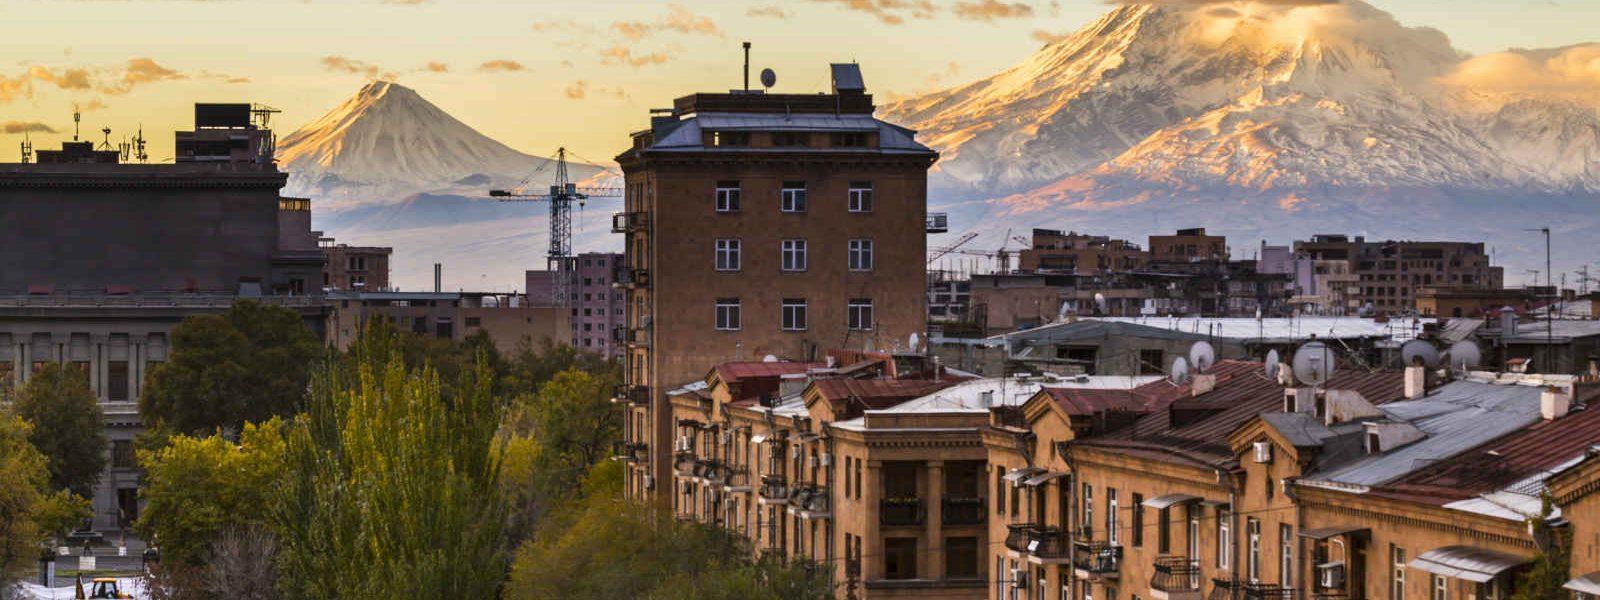 Erevan (Yerevan) et vue sur le mont Ararat, Arménie